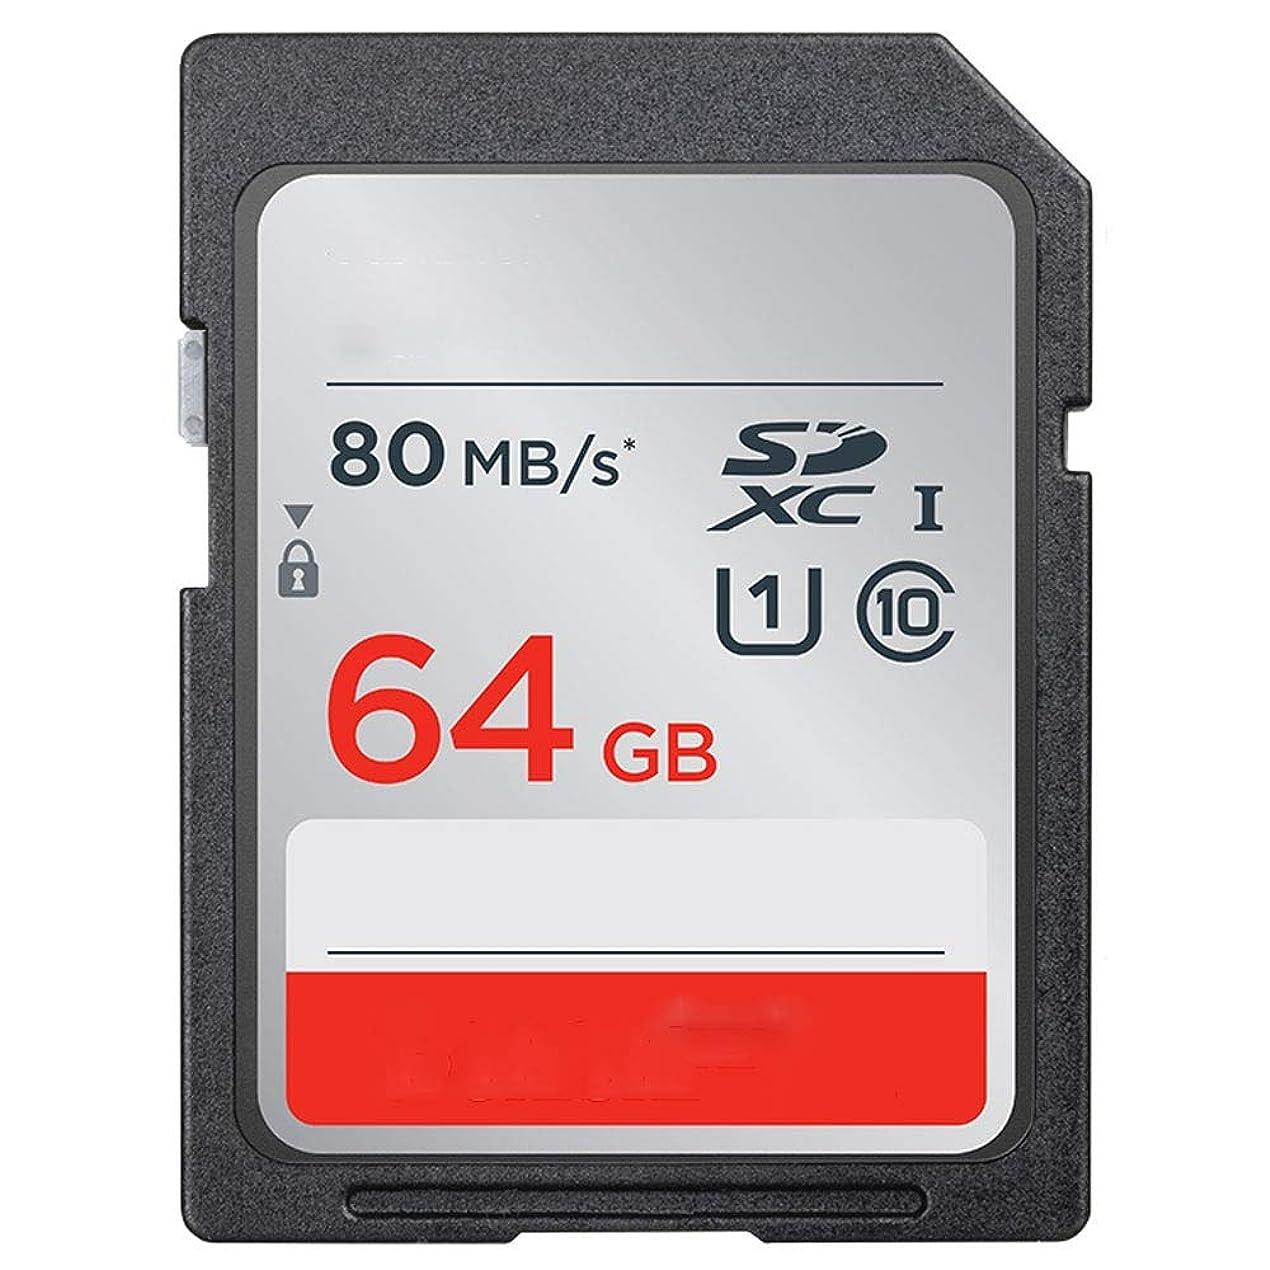 カーテンネブぐったりSdカード高速メモリーカードSDXCビッグカード一眼レフカメラメモリーカードカメラデジタルカメラメモリーカード80M / s (容量 : 16GB)